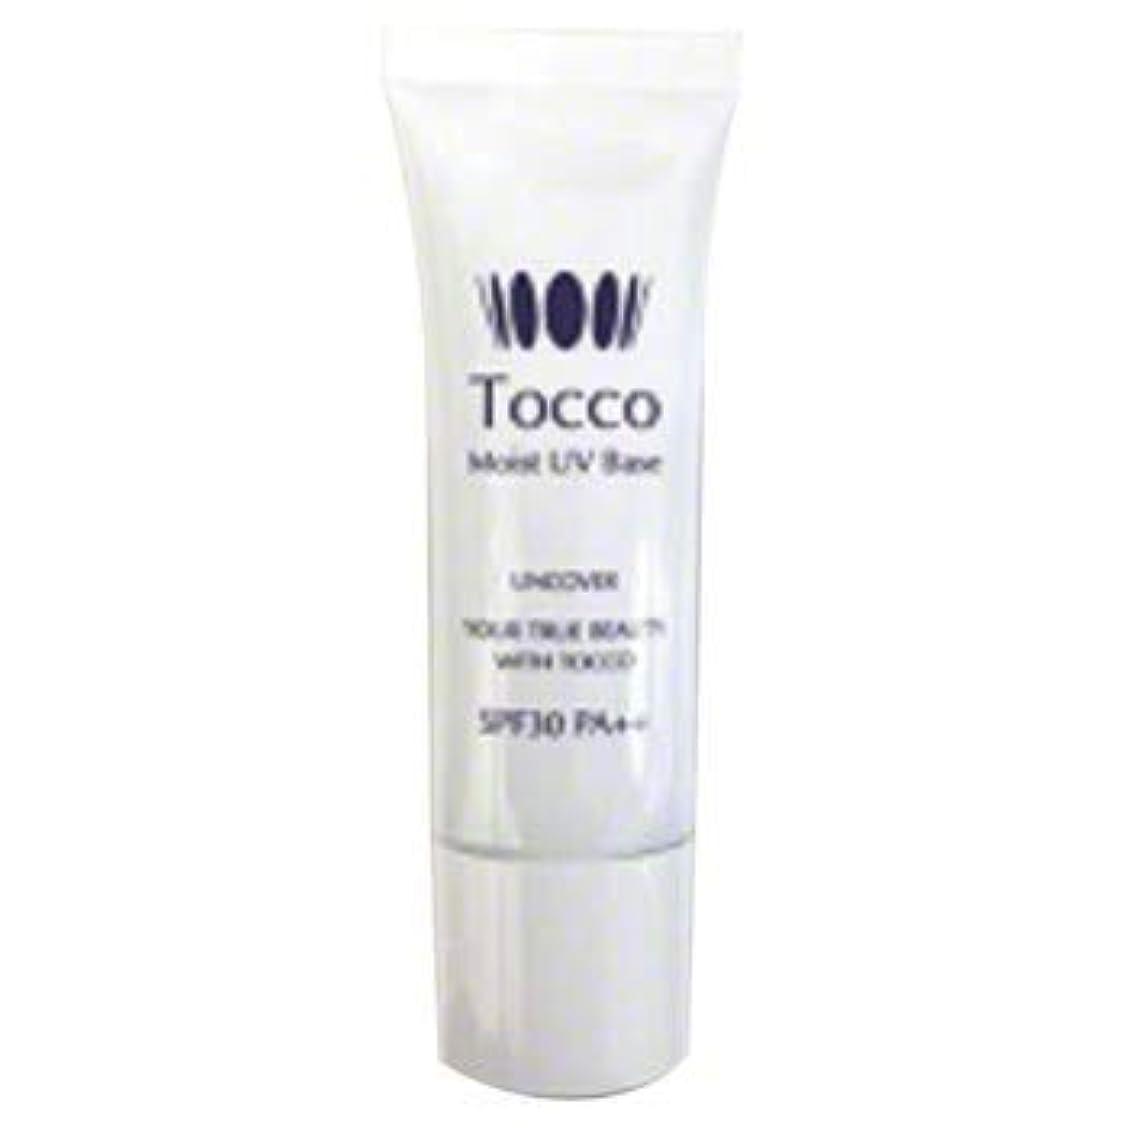 アンソロジー呼びかけるTocco(トッコ)モイストUVベース 30g